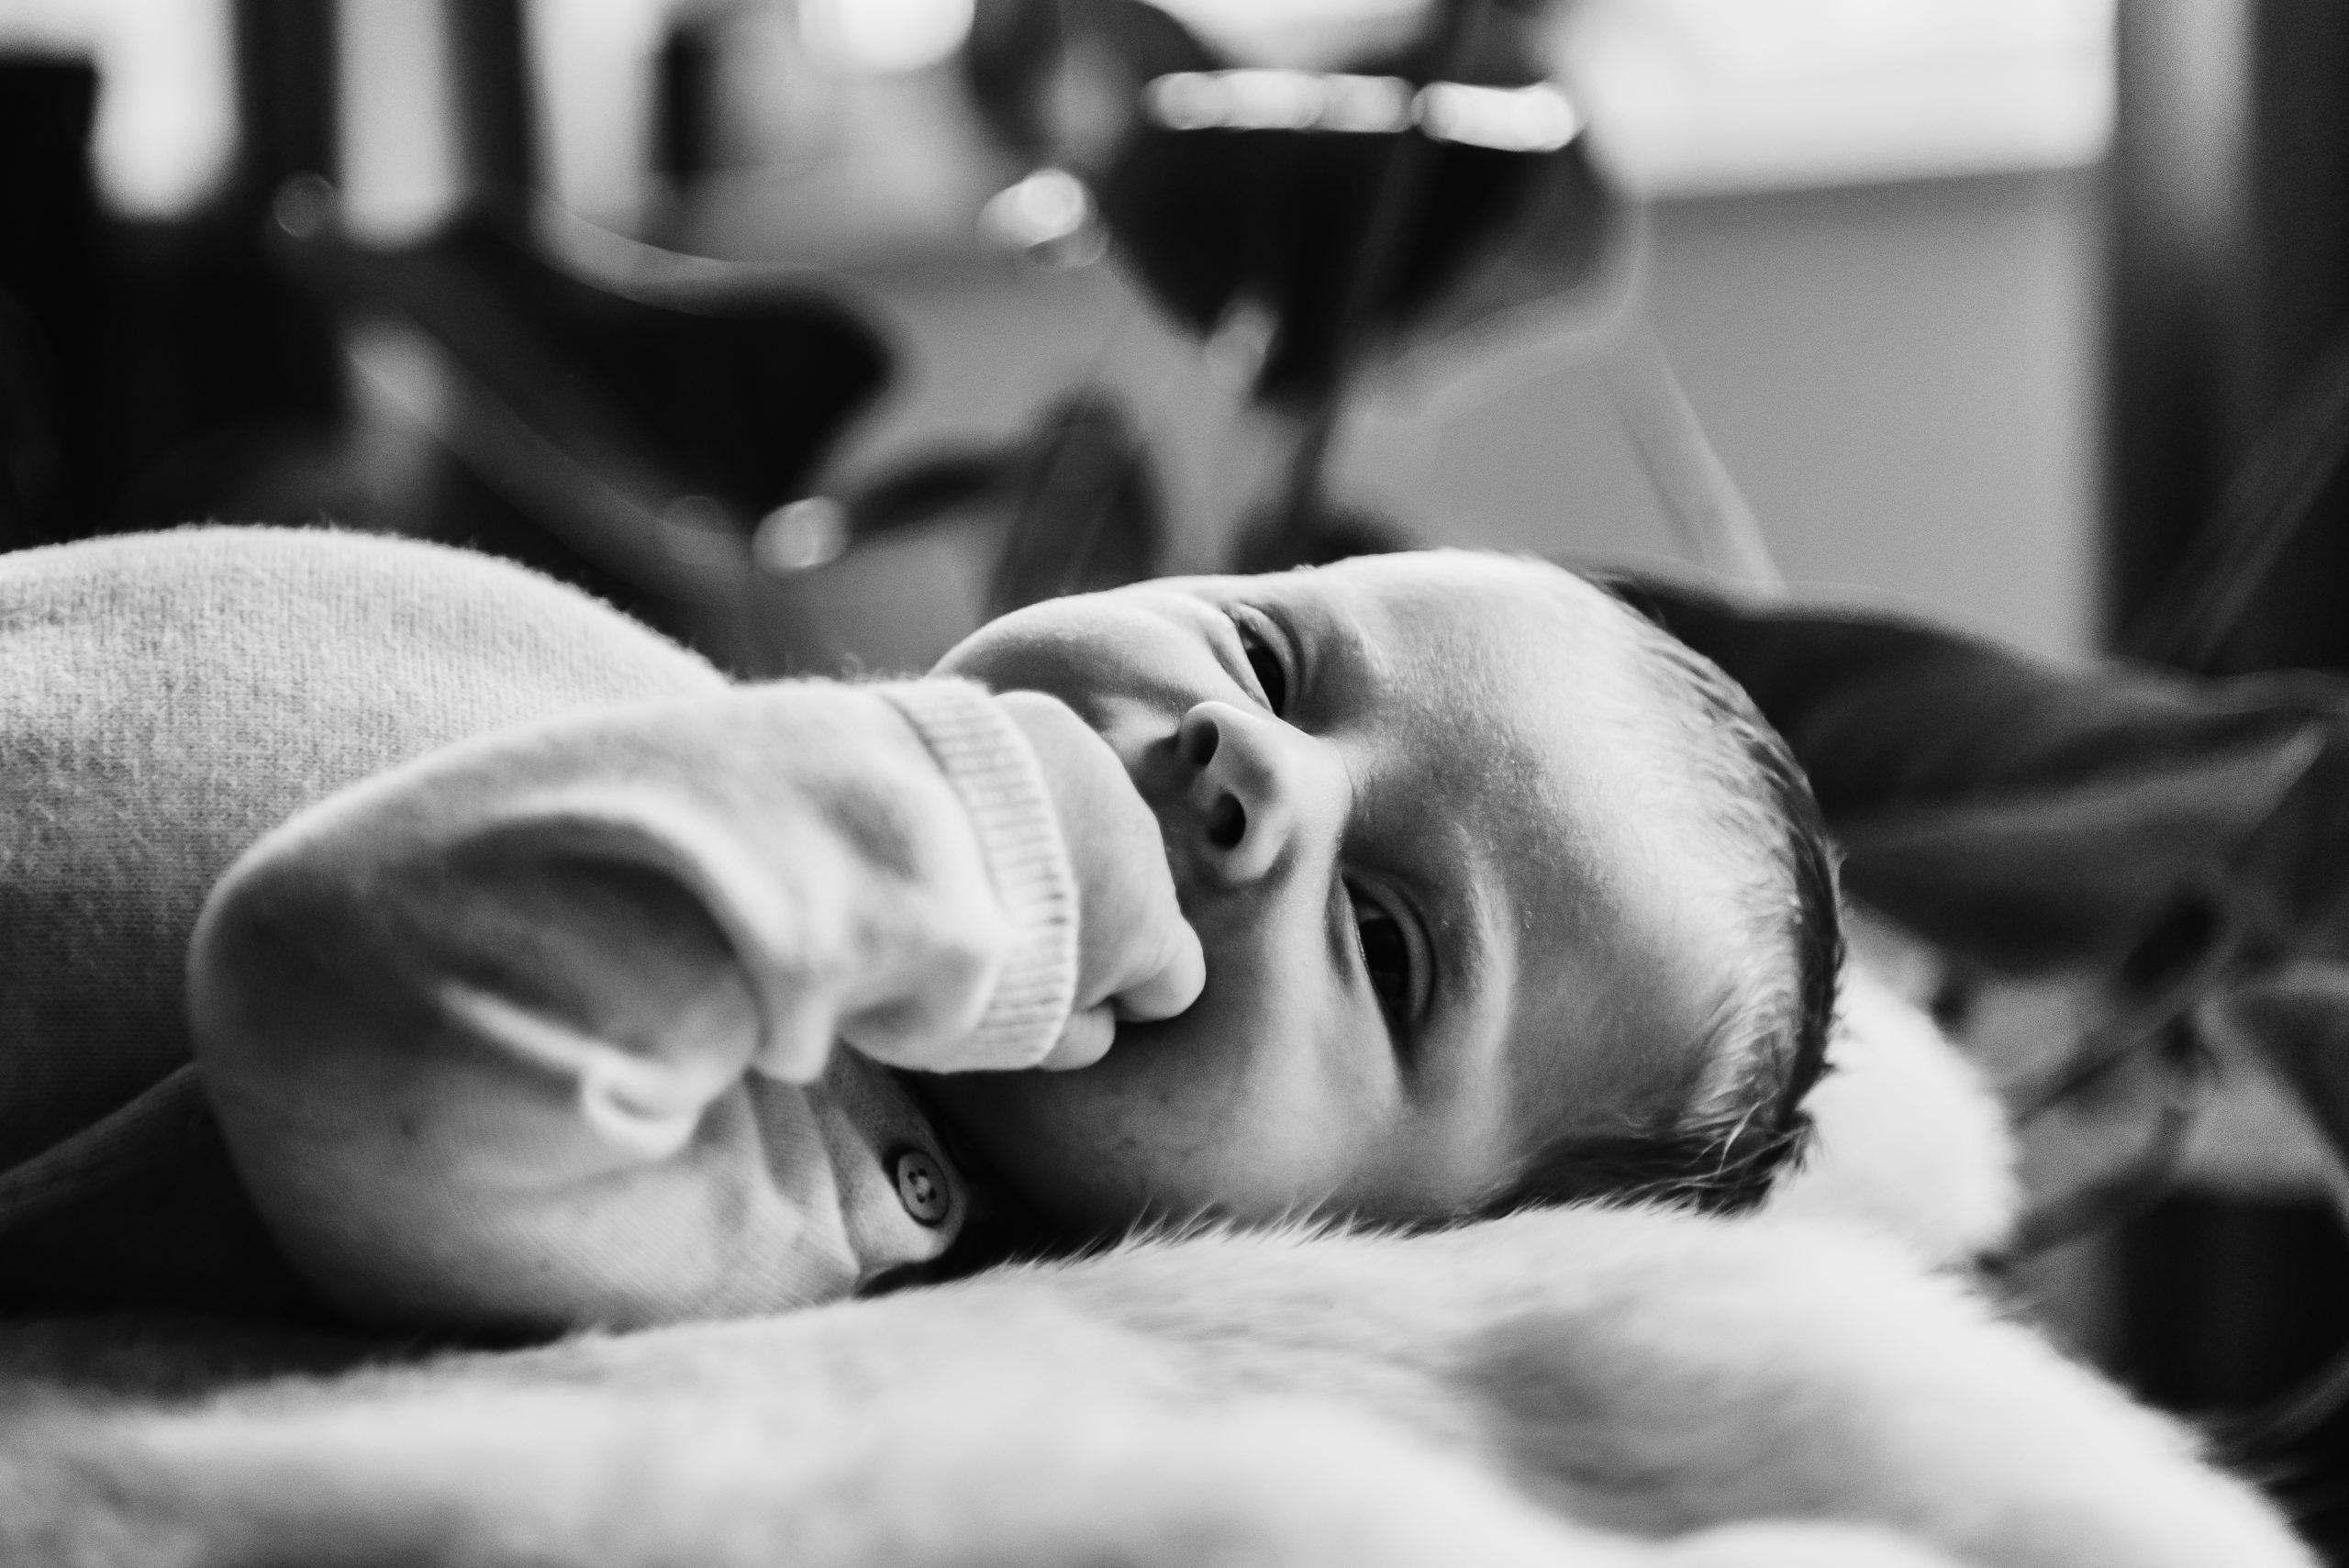 newborn, kleine baby, eerst week na de geboorte foto's, familie fotograaf Assen, familiefotograaf Drenthe, gezinsfotograaf Assen, gezinsfotograaf assen, day in the life, zwart/wit fotografie